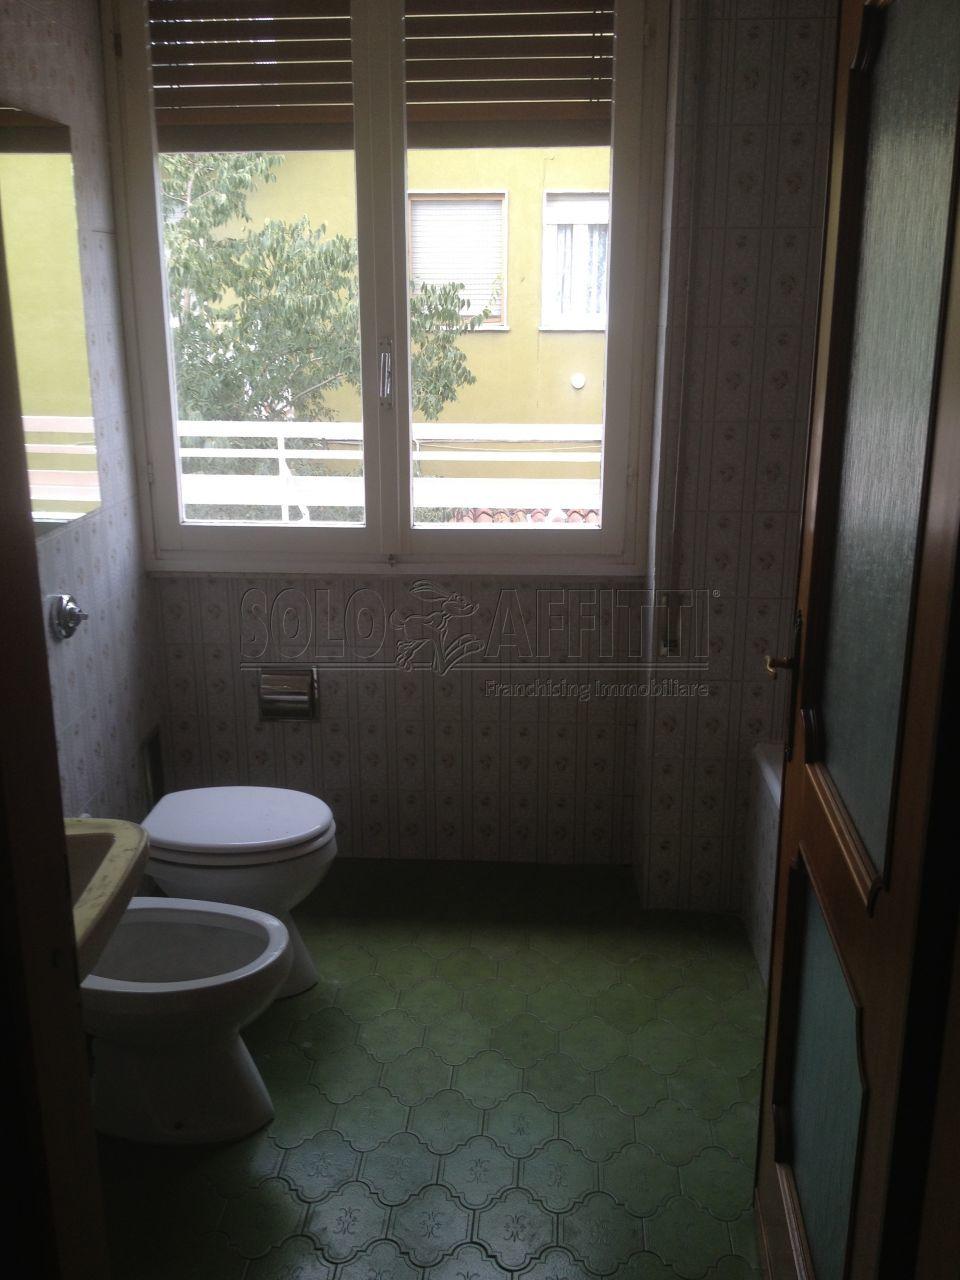 Bilocale Brescia Via Locchi 13 8